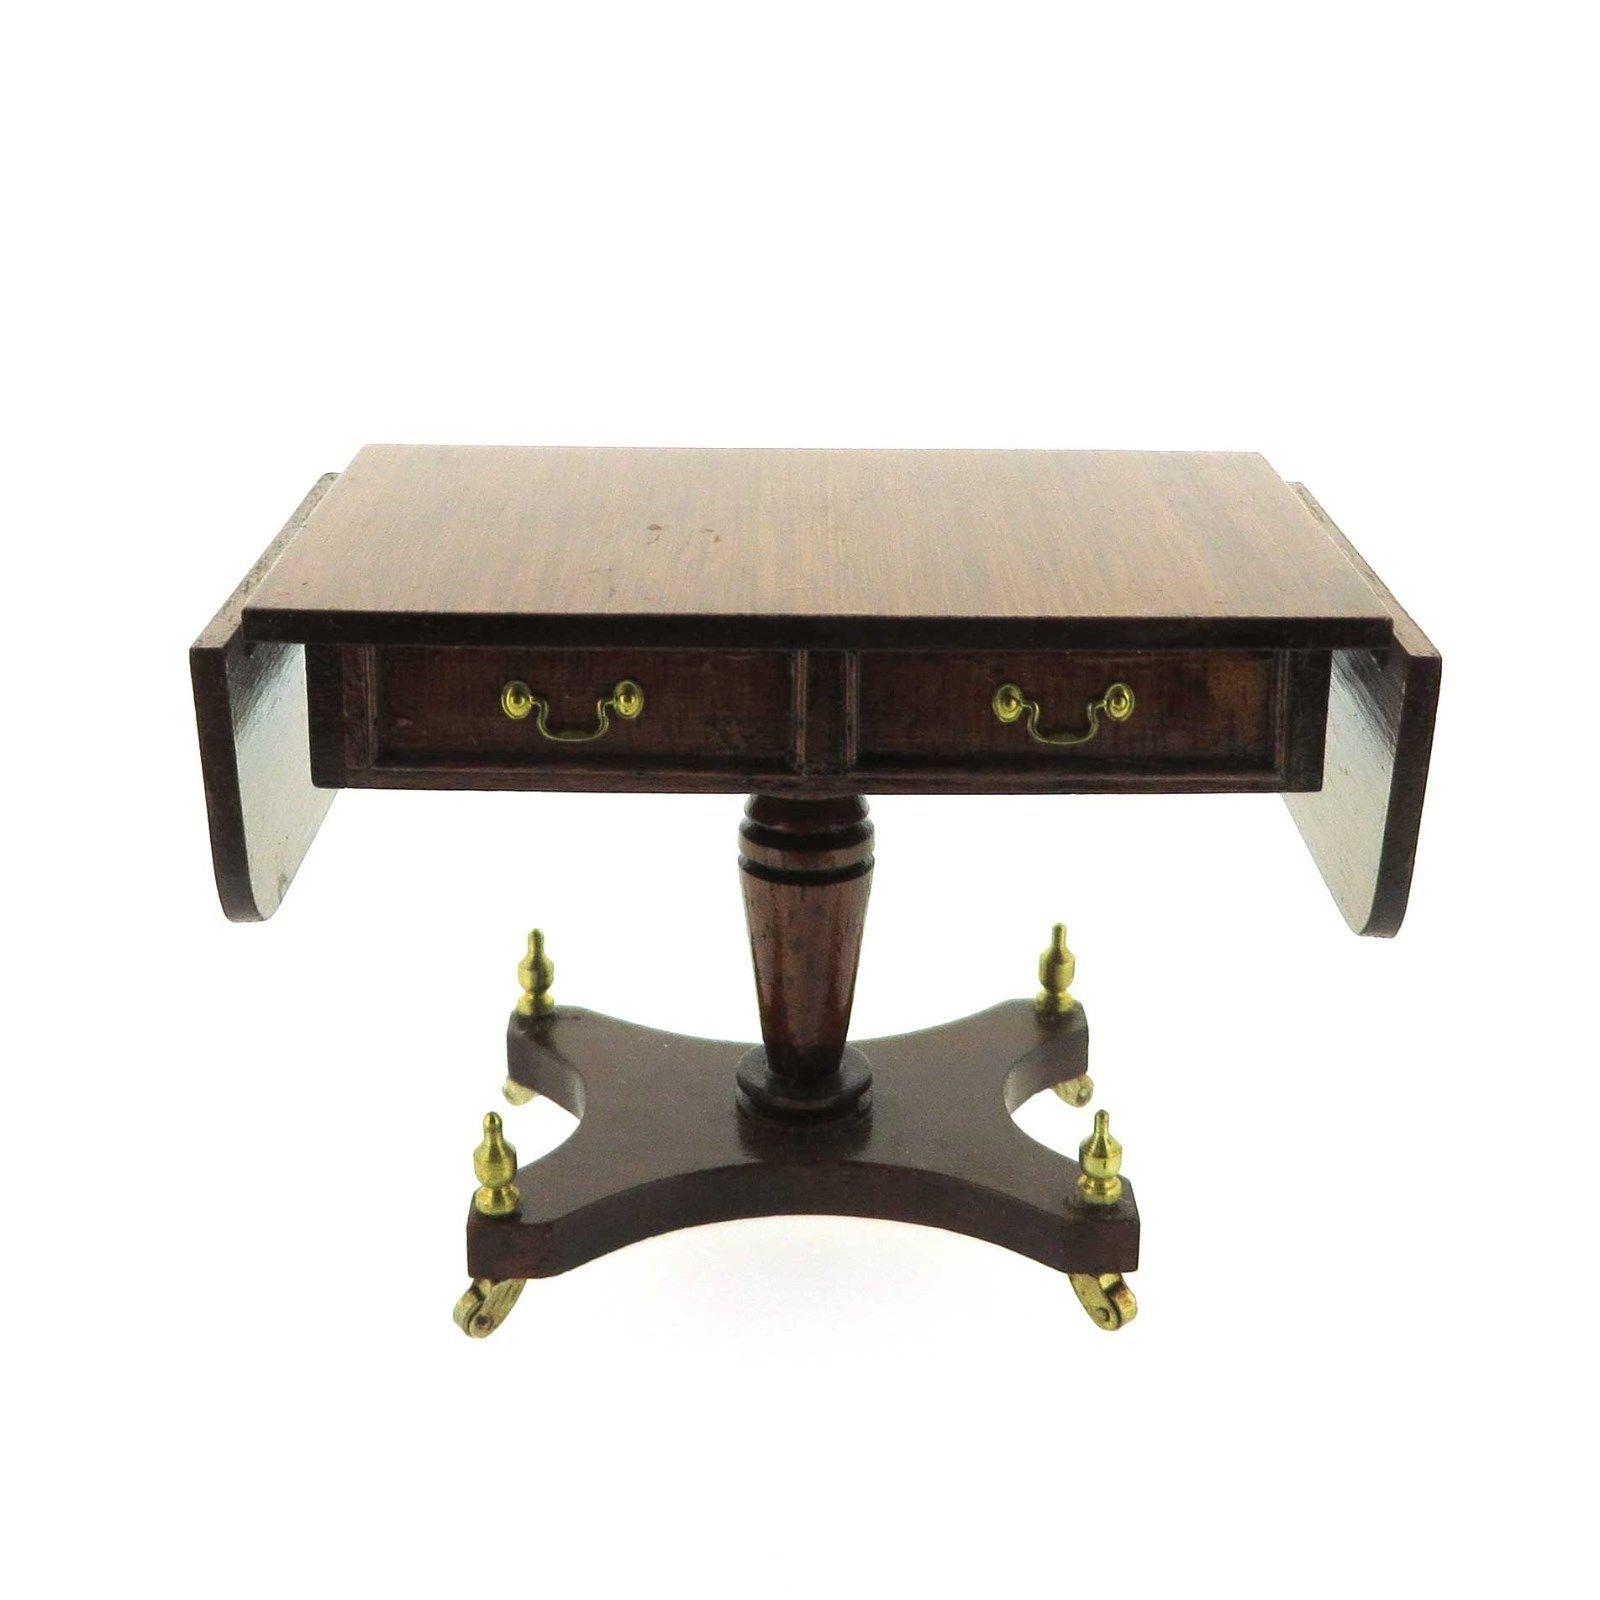 UK Artisan Roy Sherwood's Signed Mahogany Sofa Table